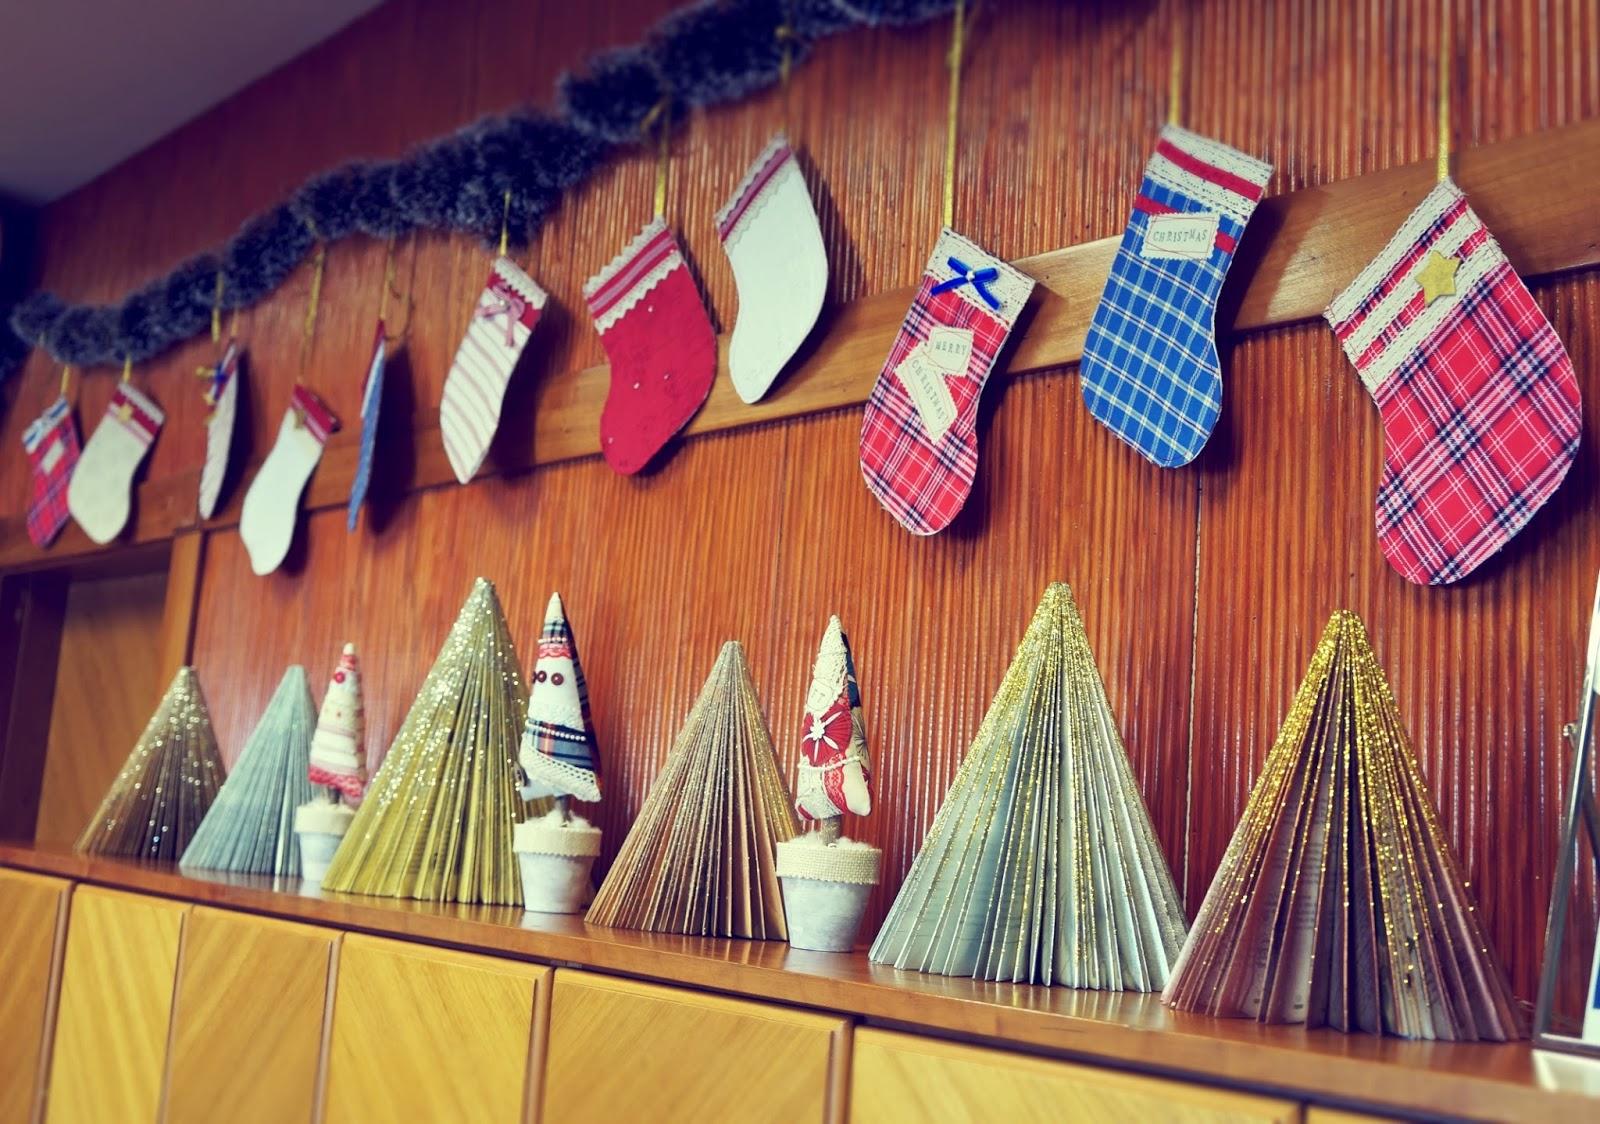 Lelleco Navidad: guirnalda de calcetines y árboles de Navidad decorativos